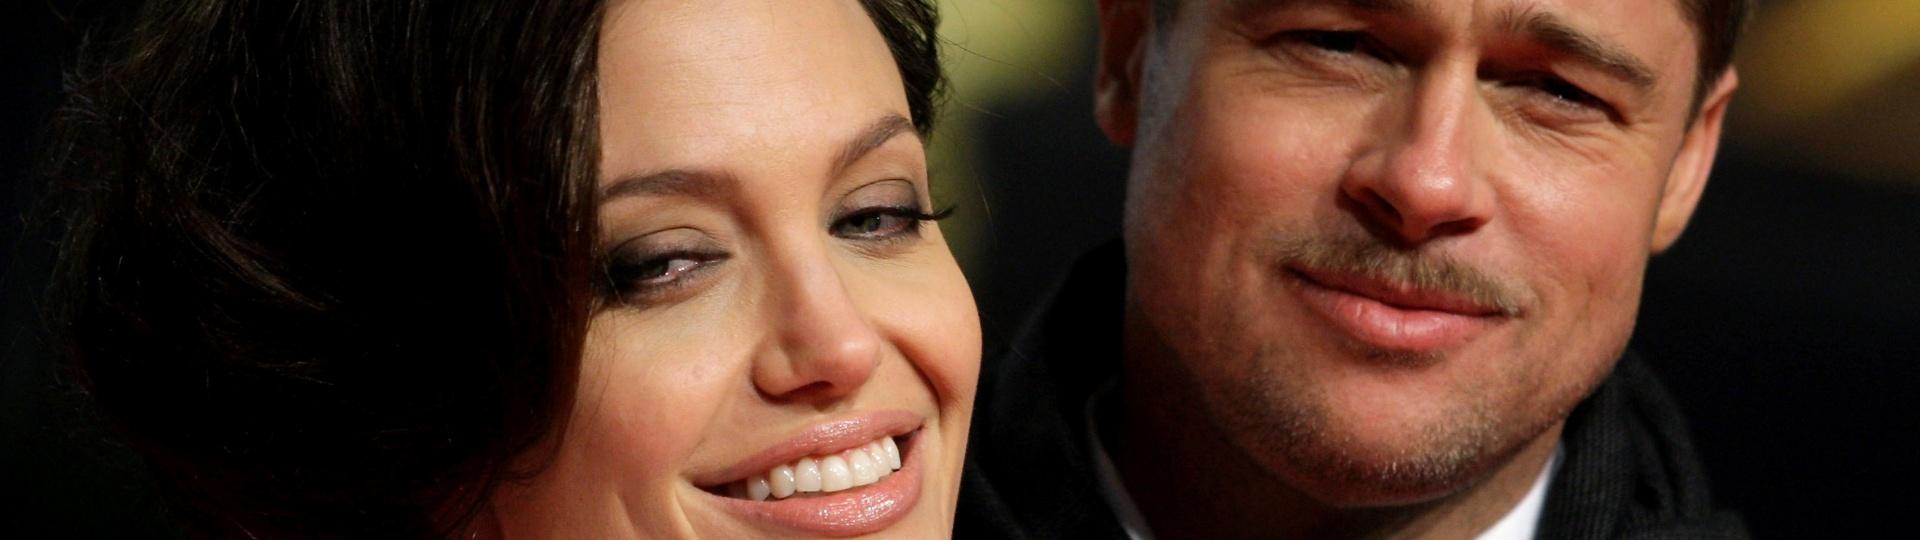 19.jan.2009 - Brad Pitt e Angelina Jolie posam no tapete vermelho da estreia alemã do filme